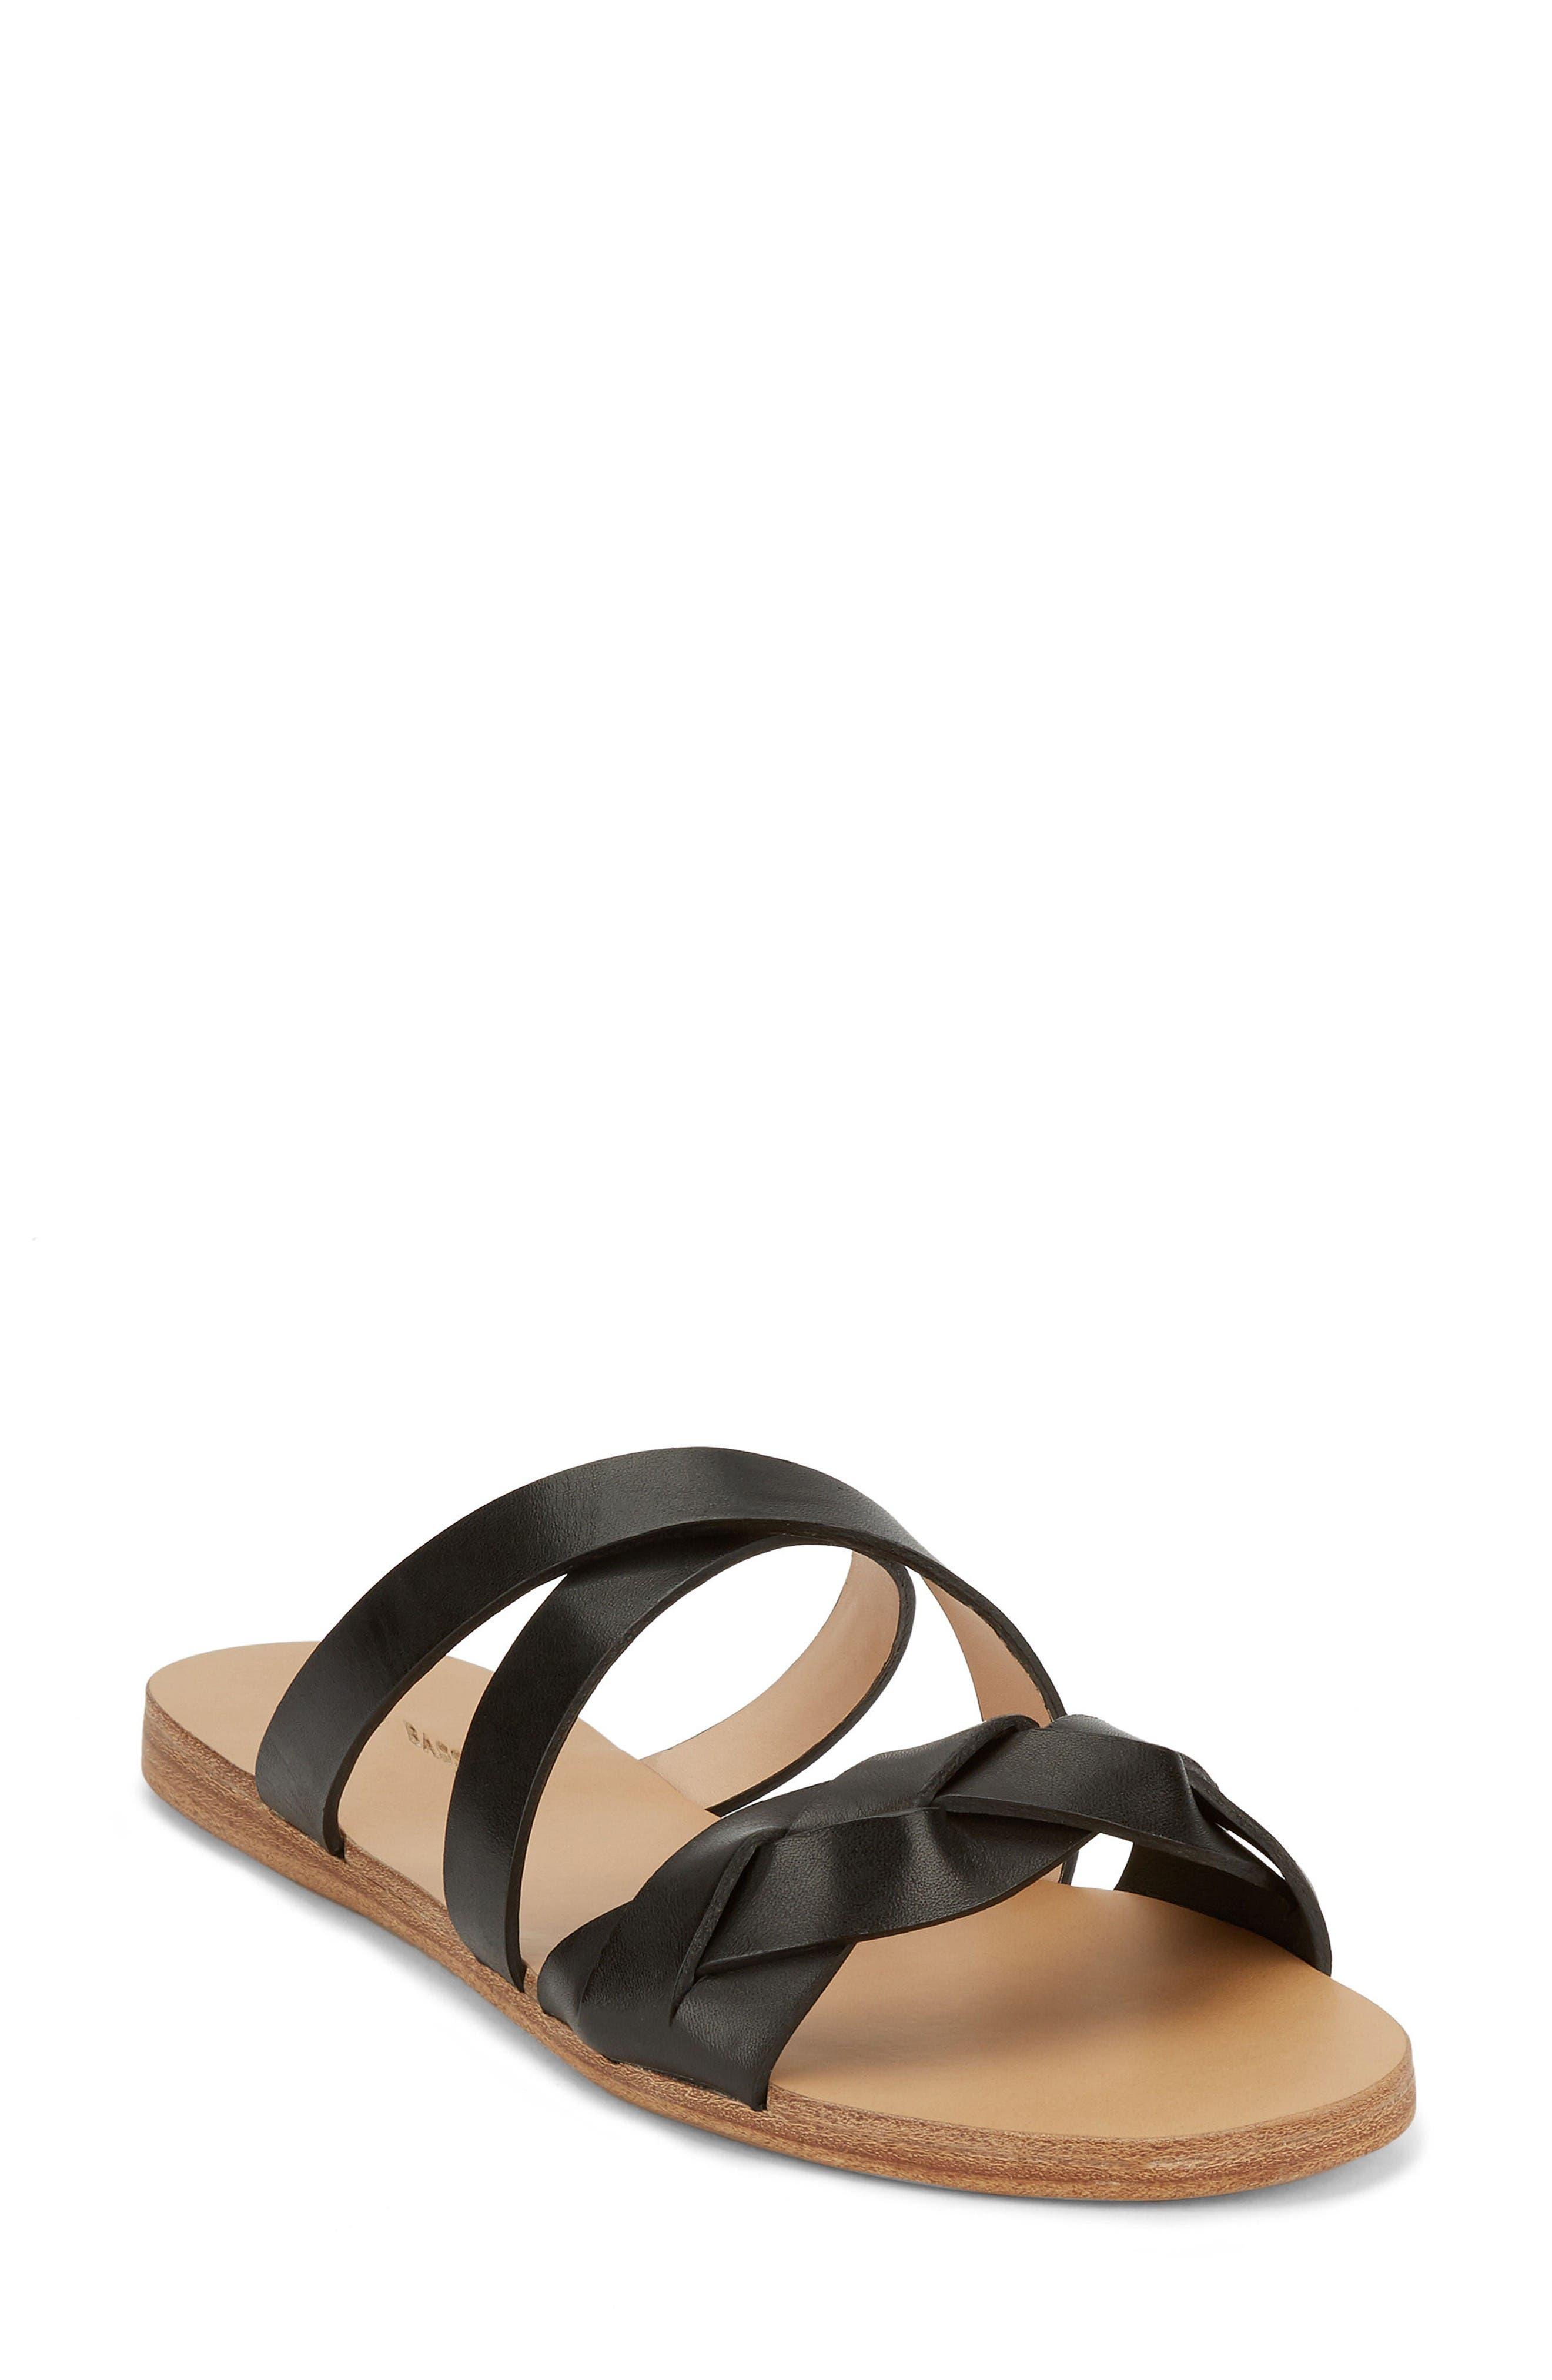 G.H. BASS & CO. Scarlett Slide Sandal